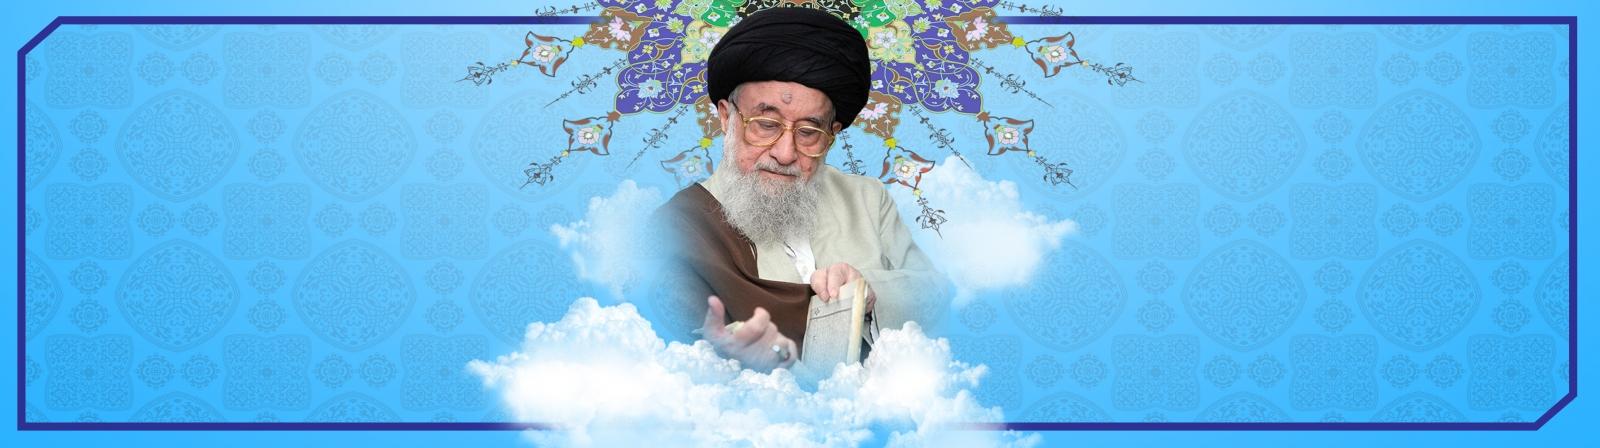 حضرت آیت الله سید رضی شیرازی